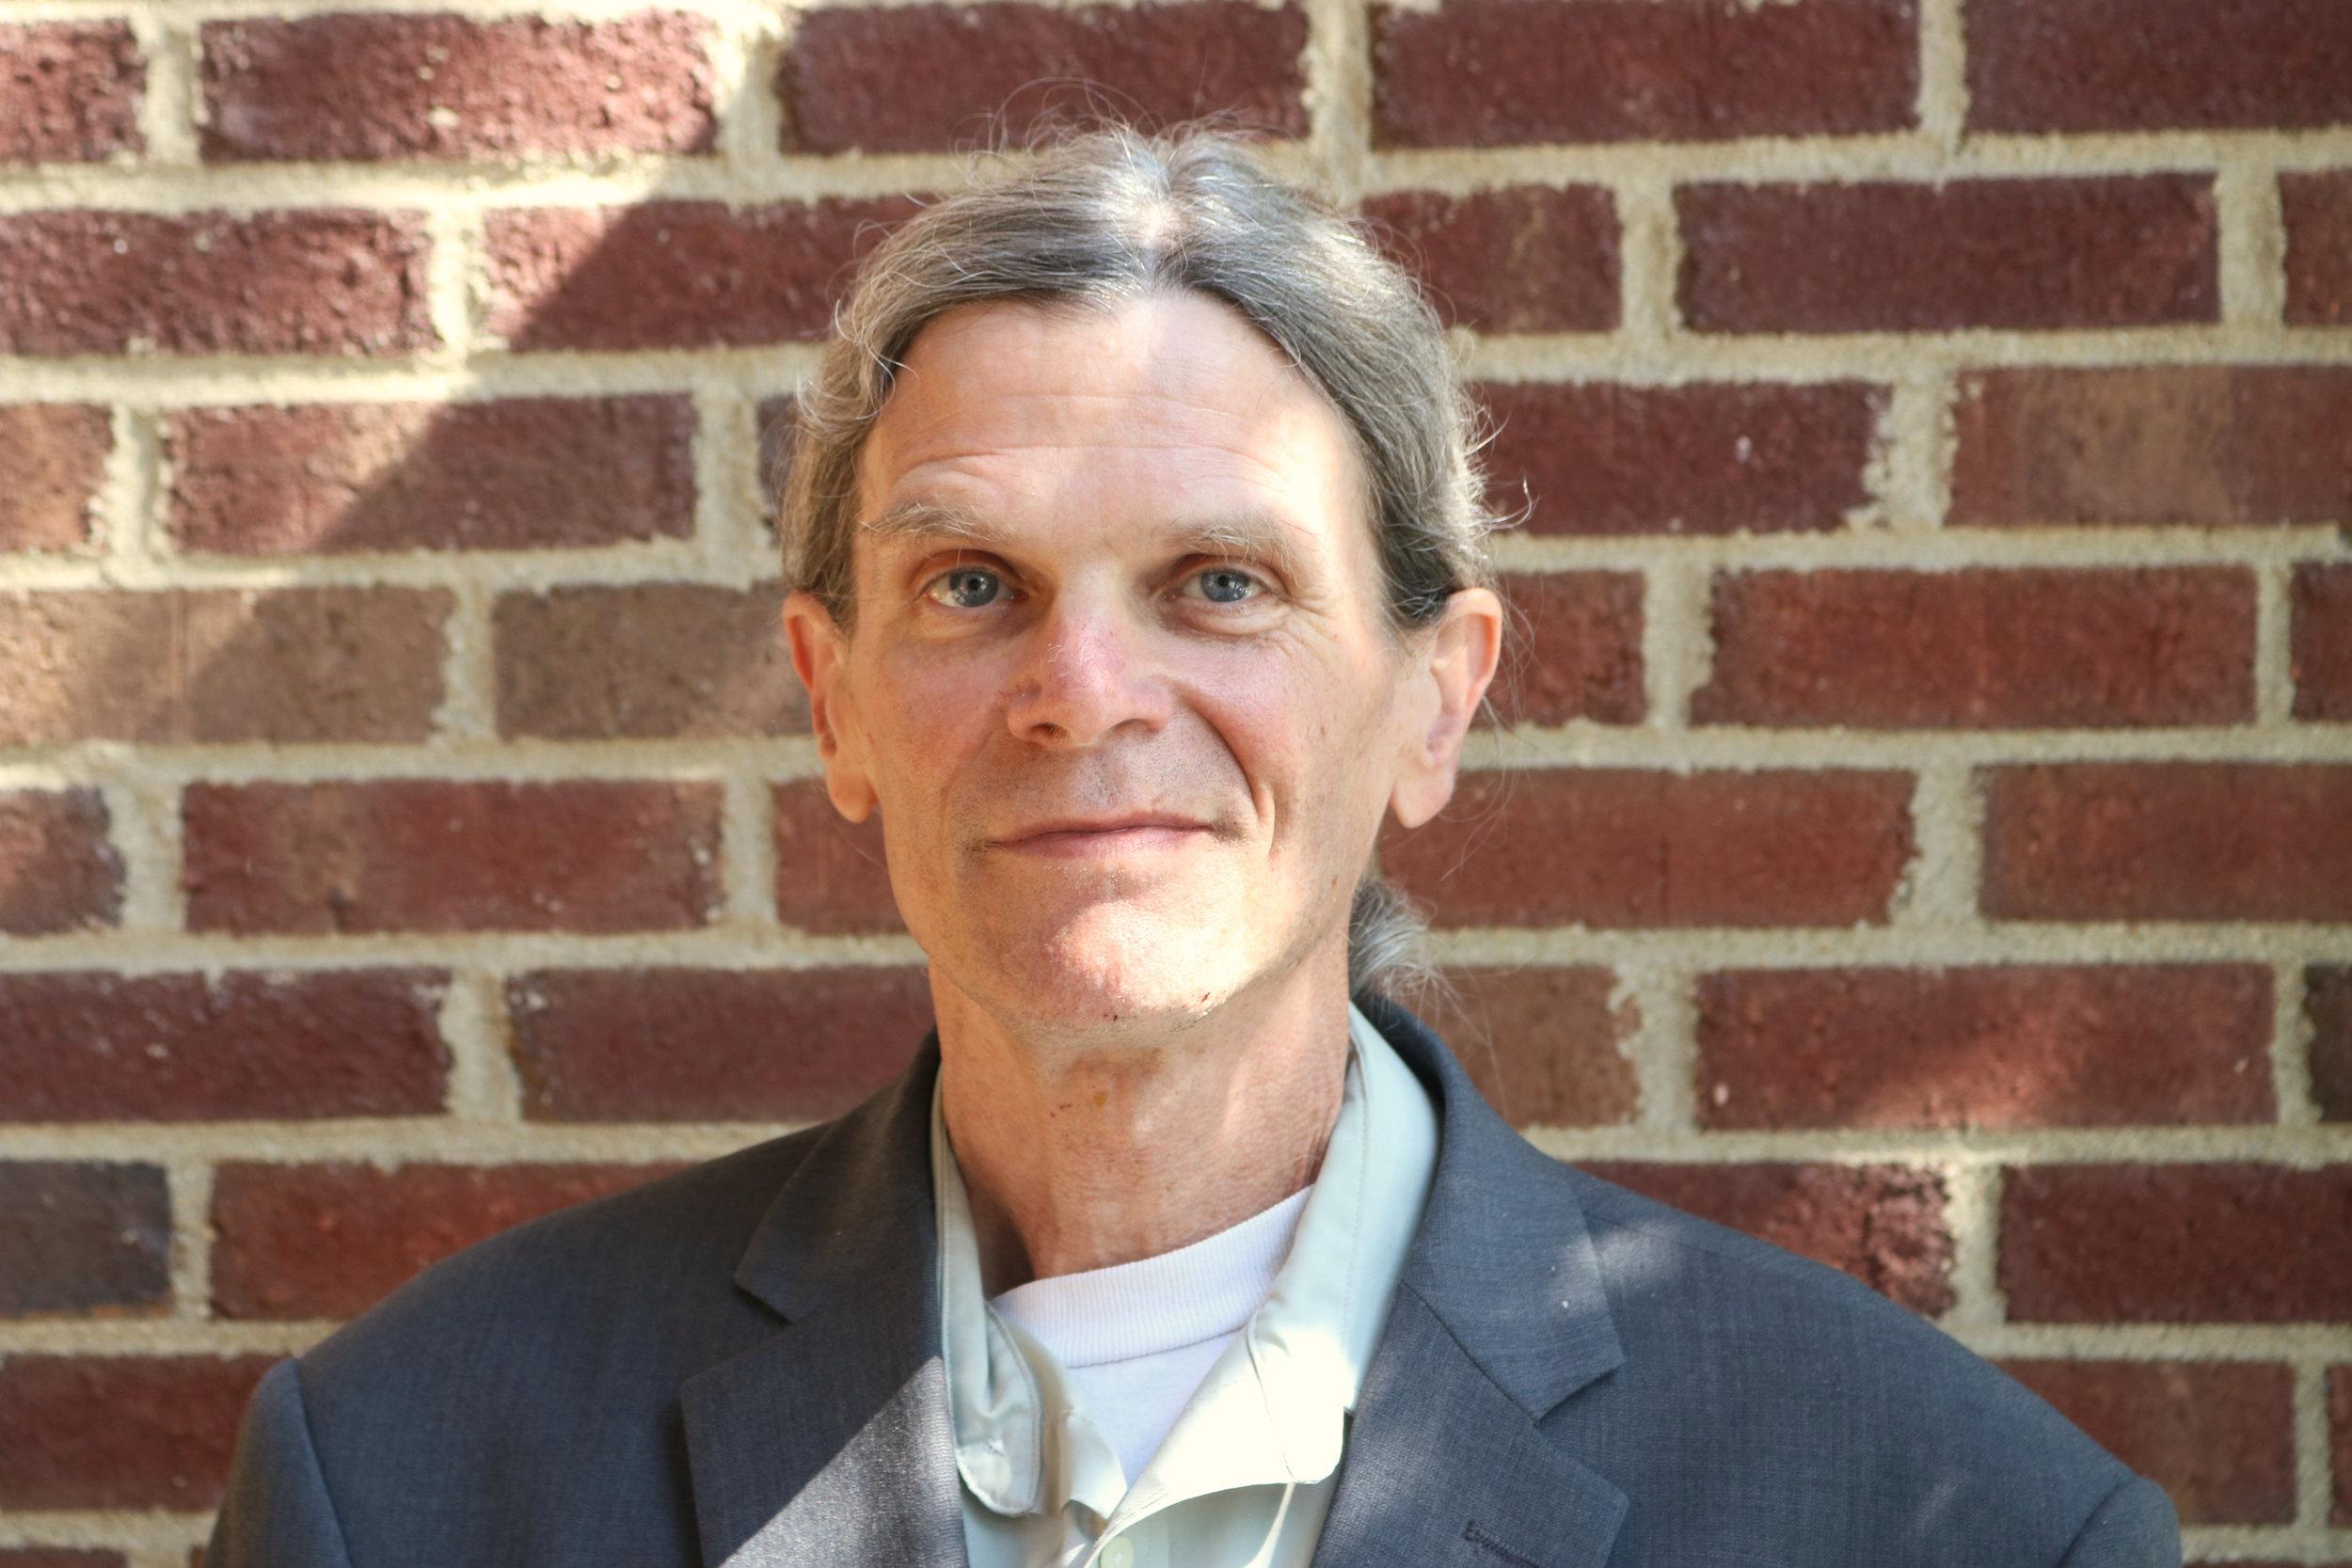 Steve Palm-Houser, Senior Technical Writer